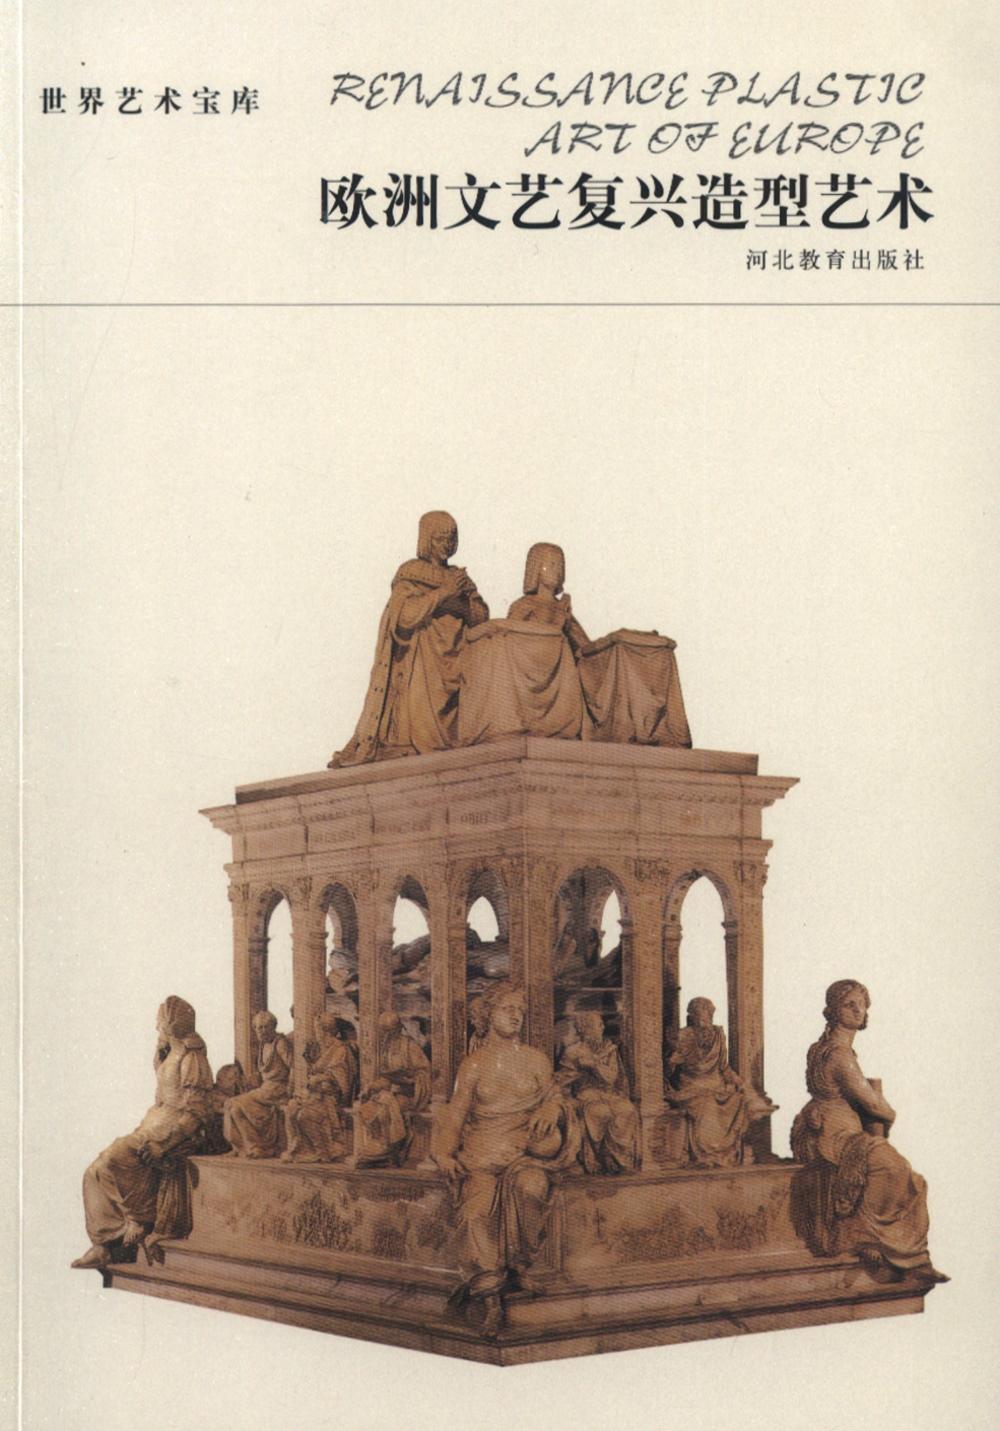 世界藝術寶庫:歐洲文藝復興 藝術